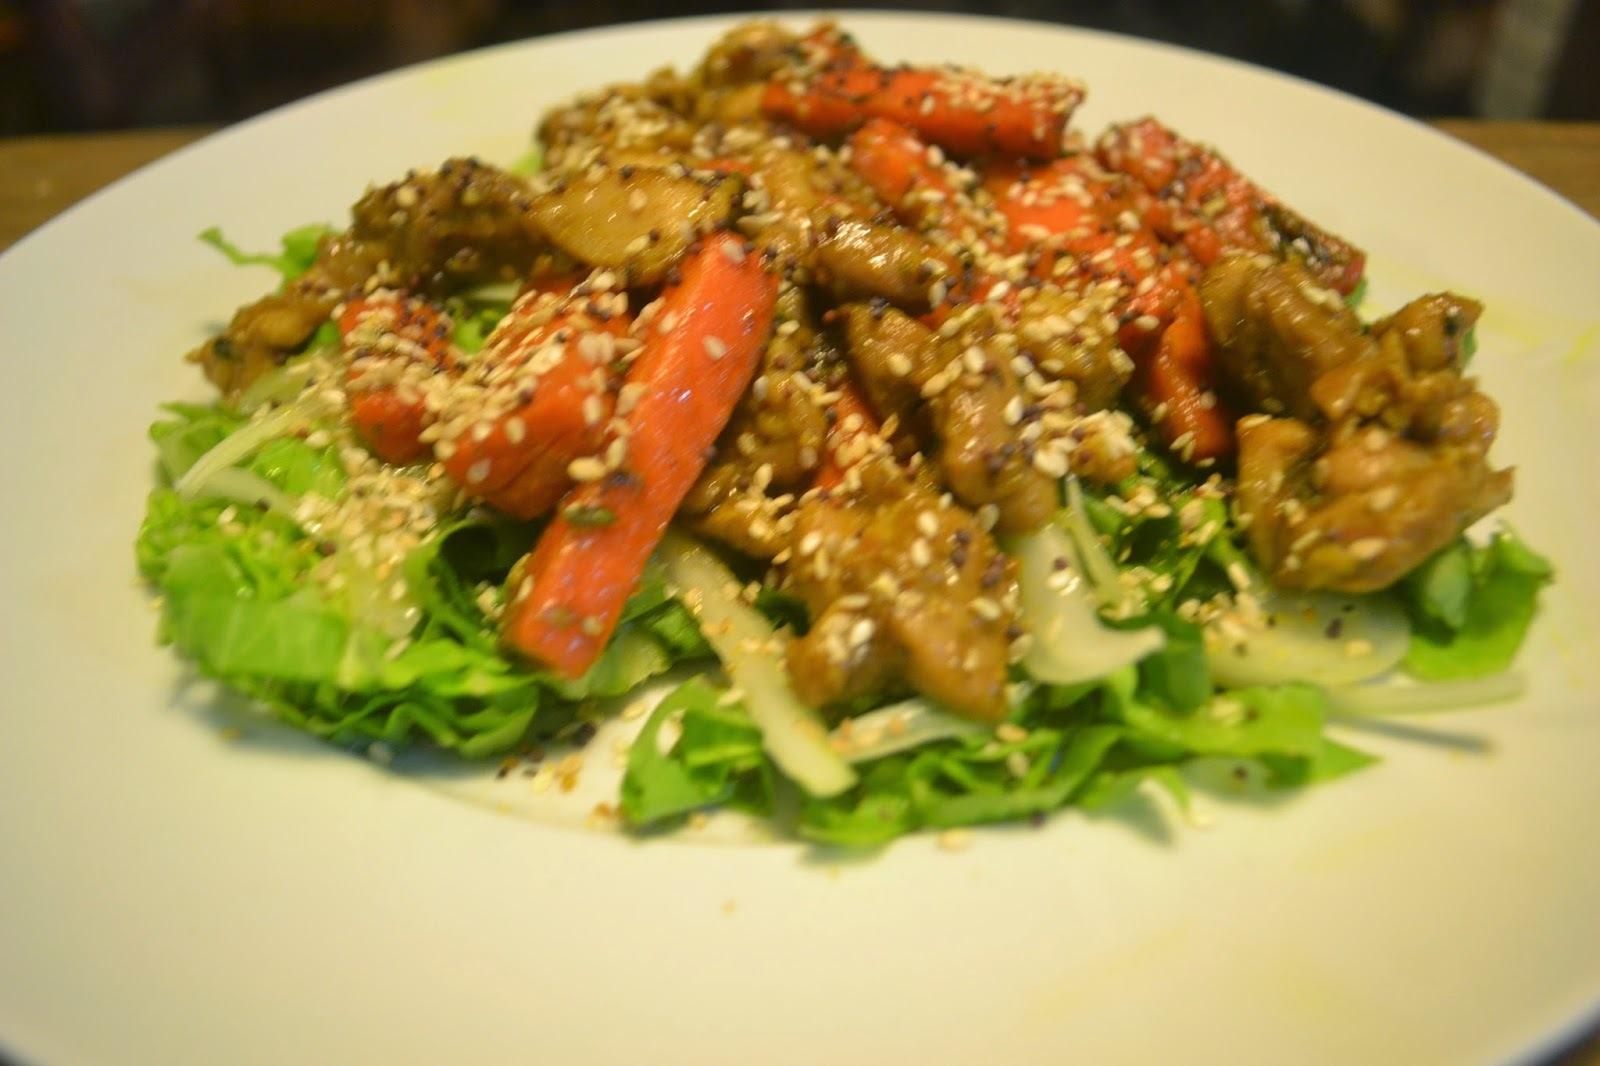 Uma salada maravilhosa